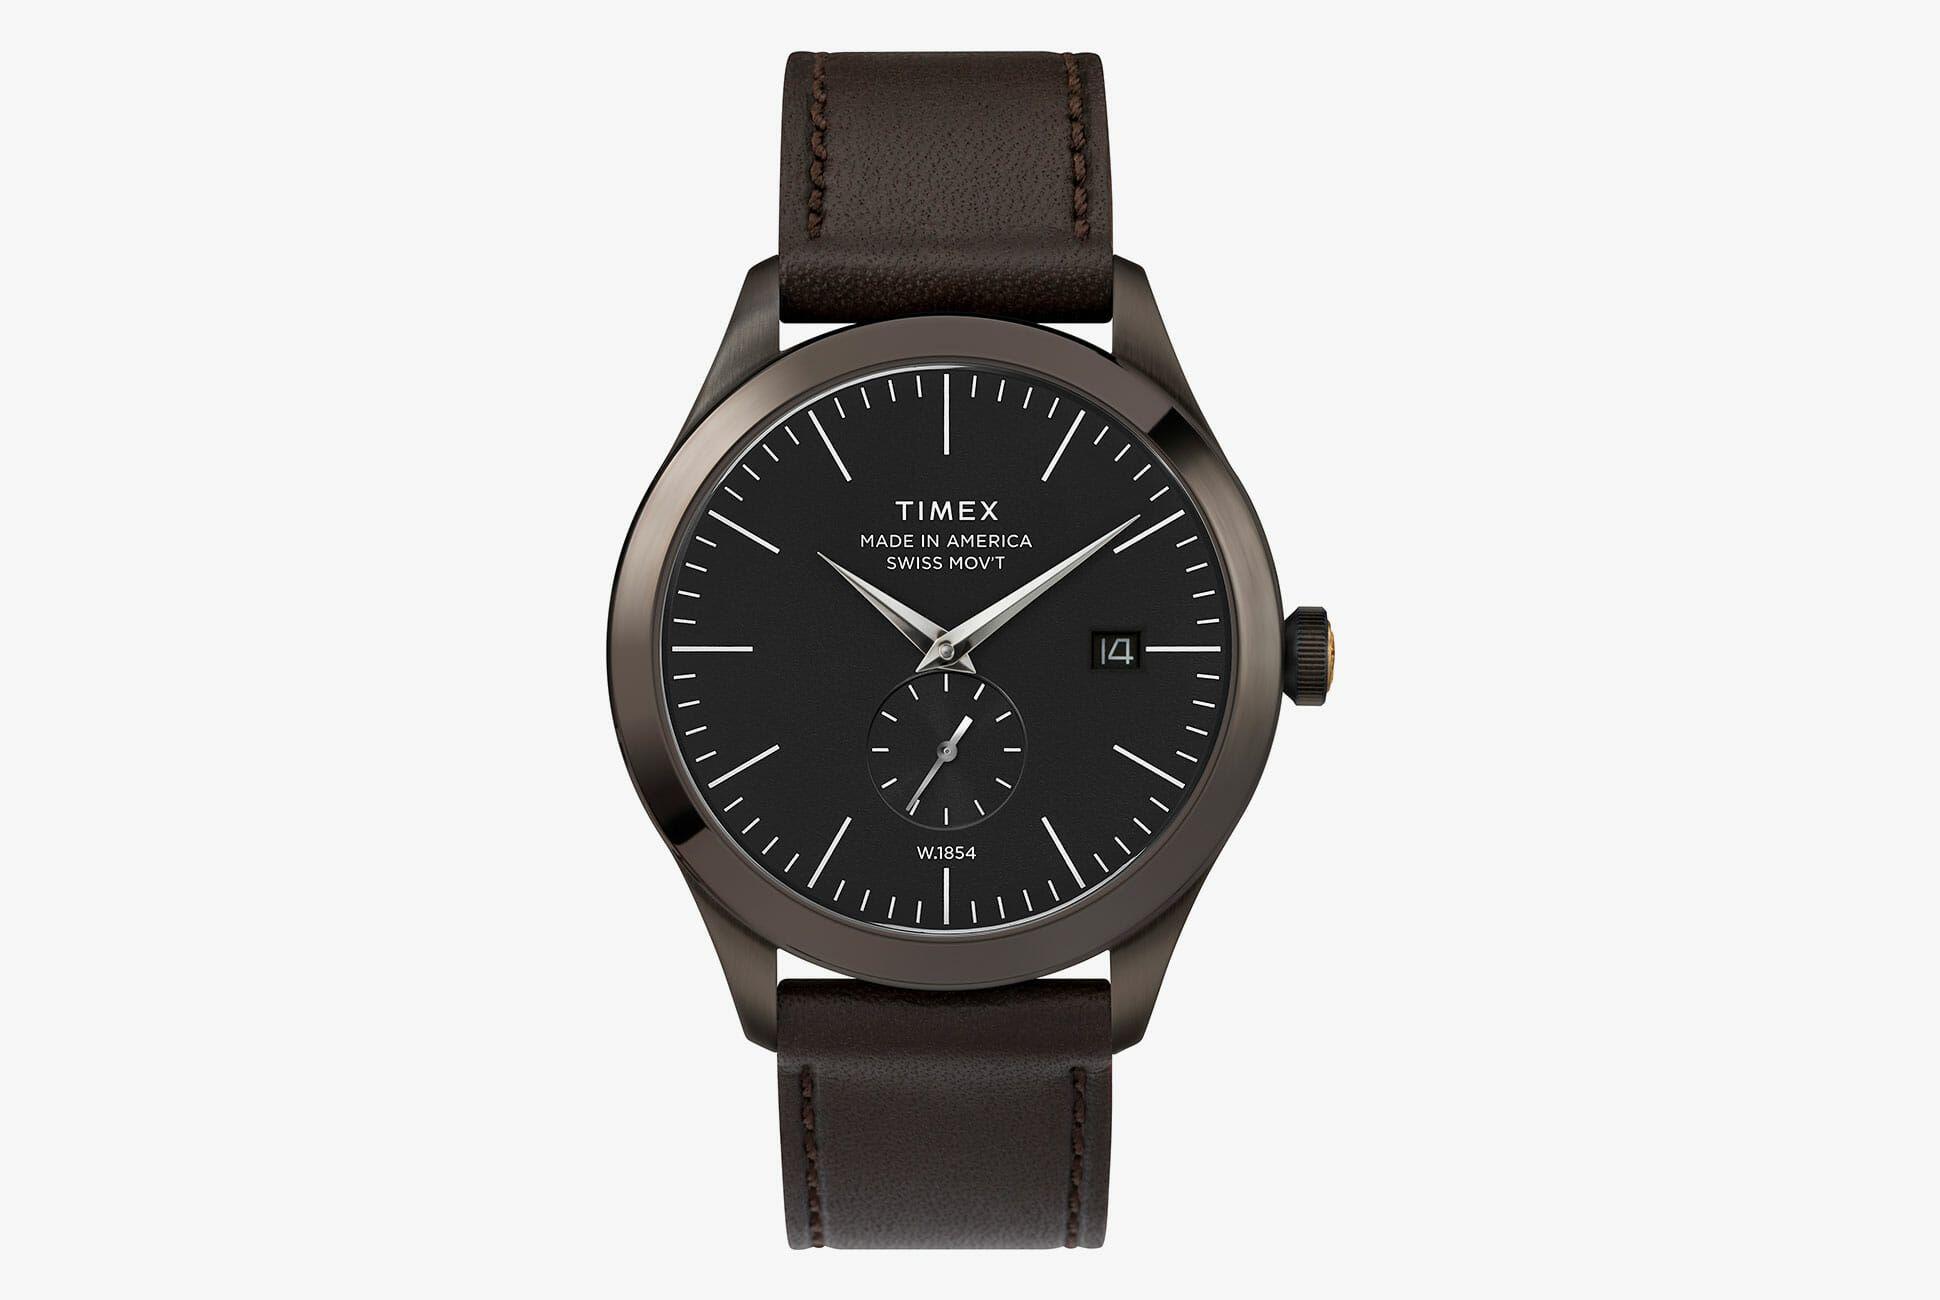 Timex-American-Documents-gear-patrol-slide-1